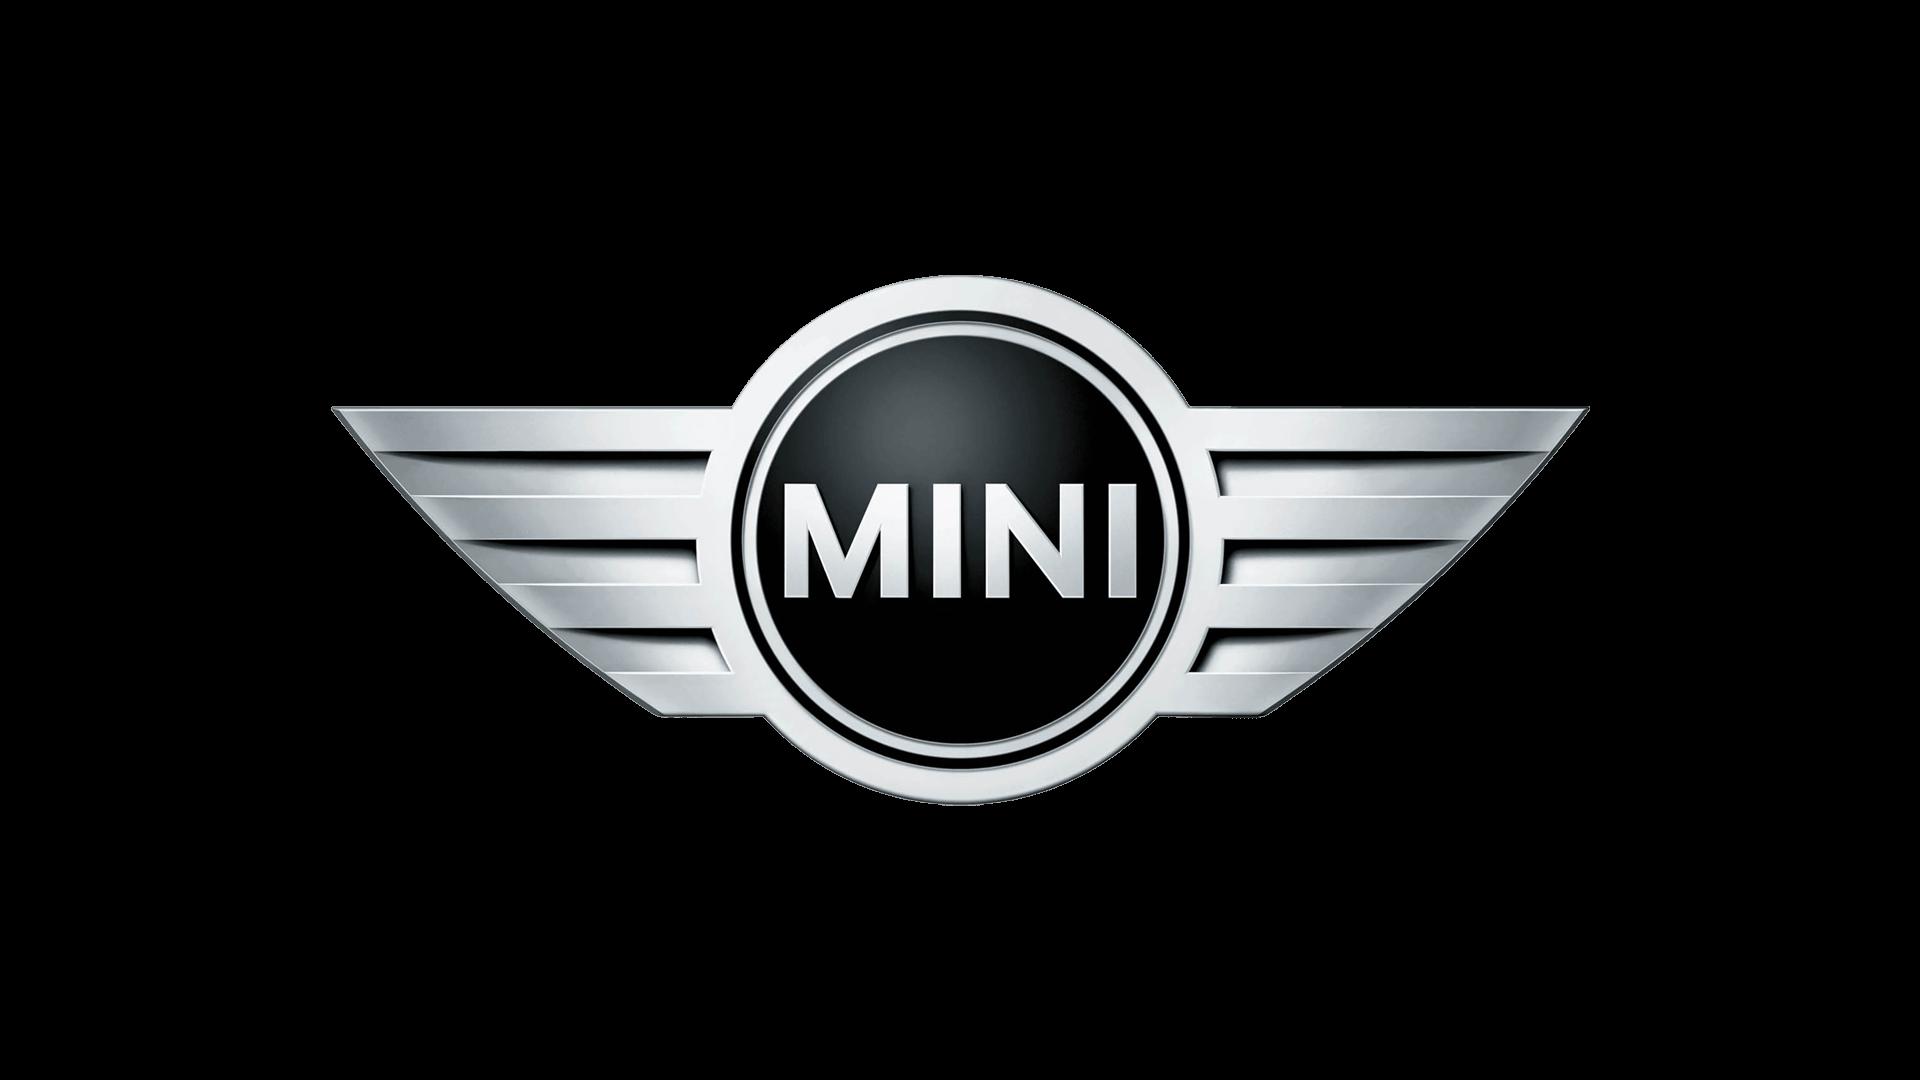 car logo mini bmw transparent png stickpng. Black Bedroom Furniture Sets. Home Design Ideas